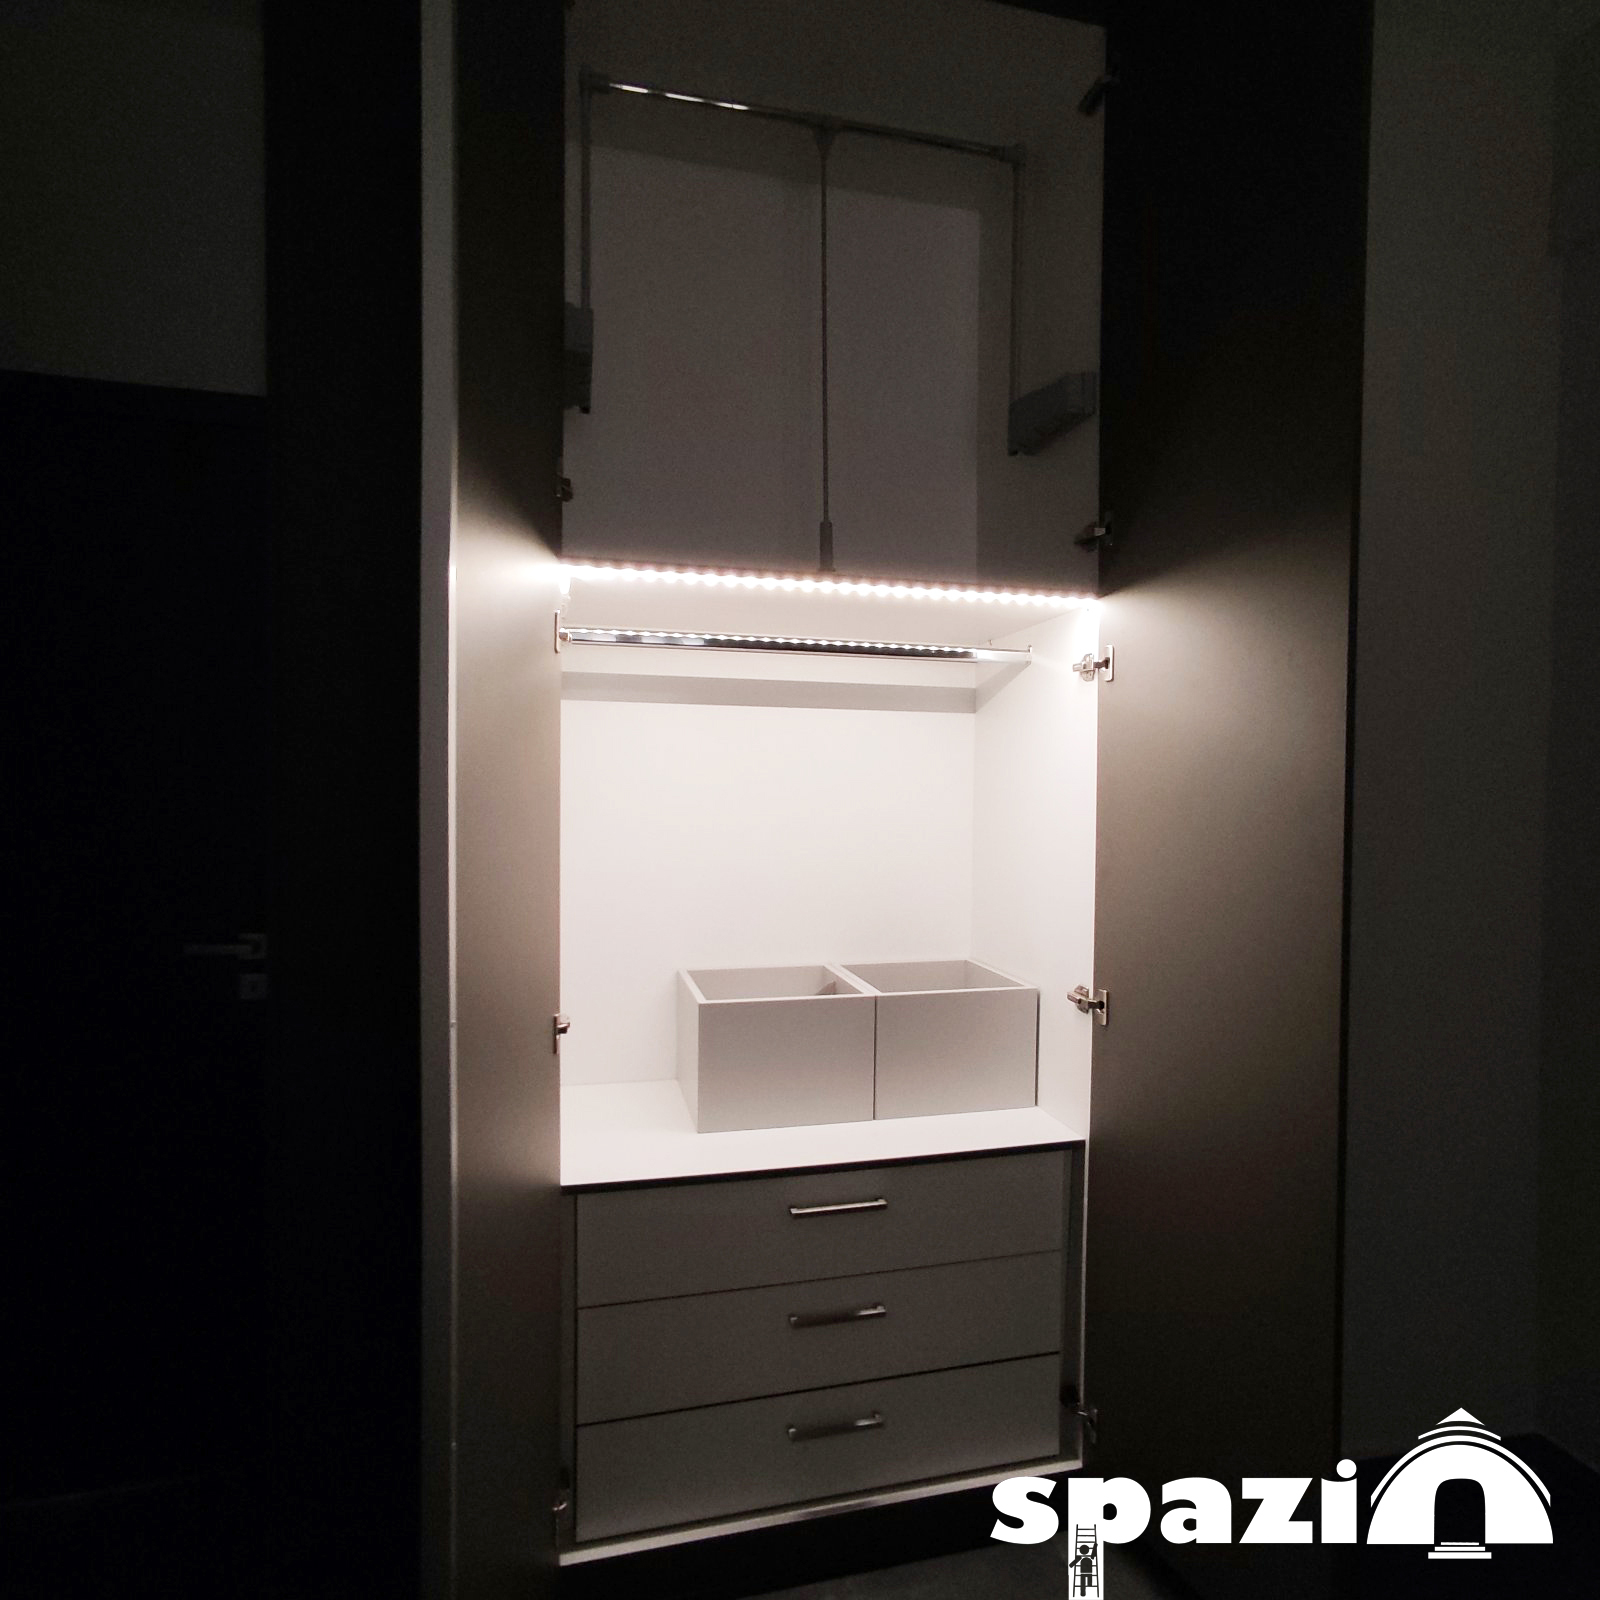 spazio_sepolia_17.jpg